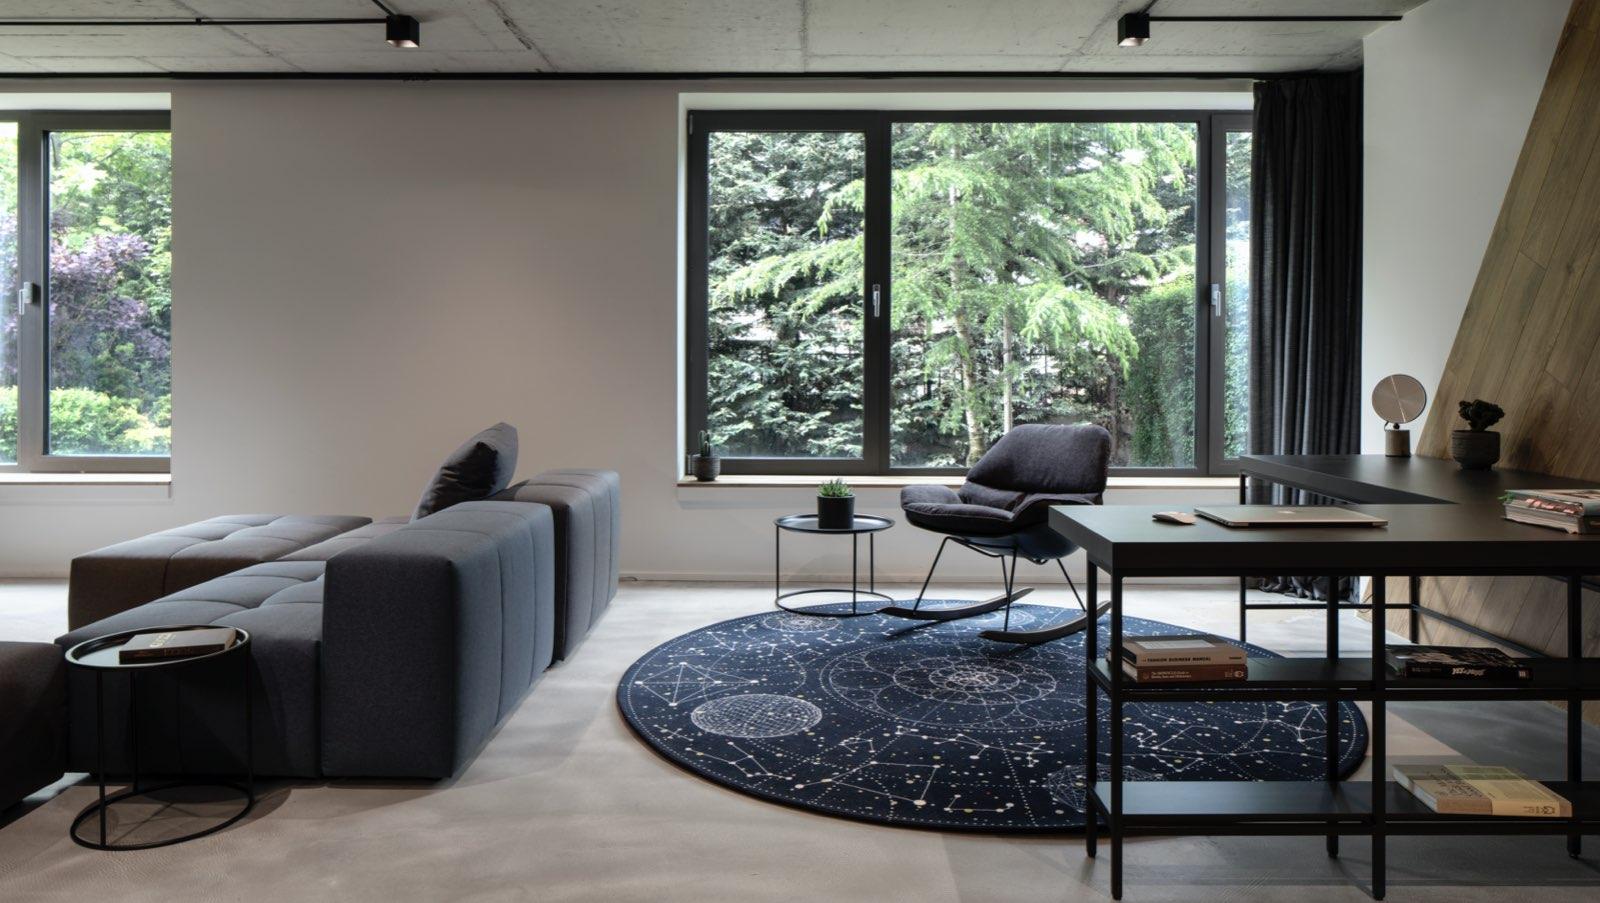 studio-apartment-design-by-allinstudio1